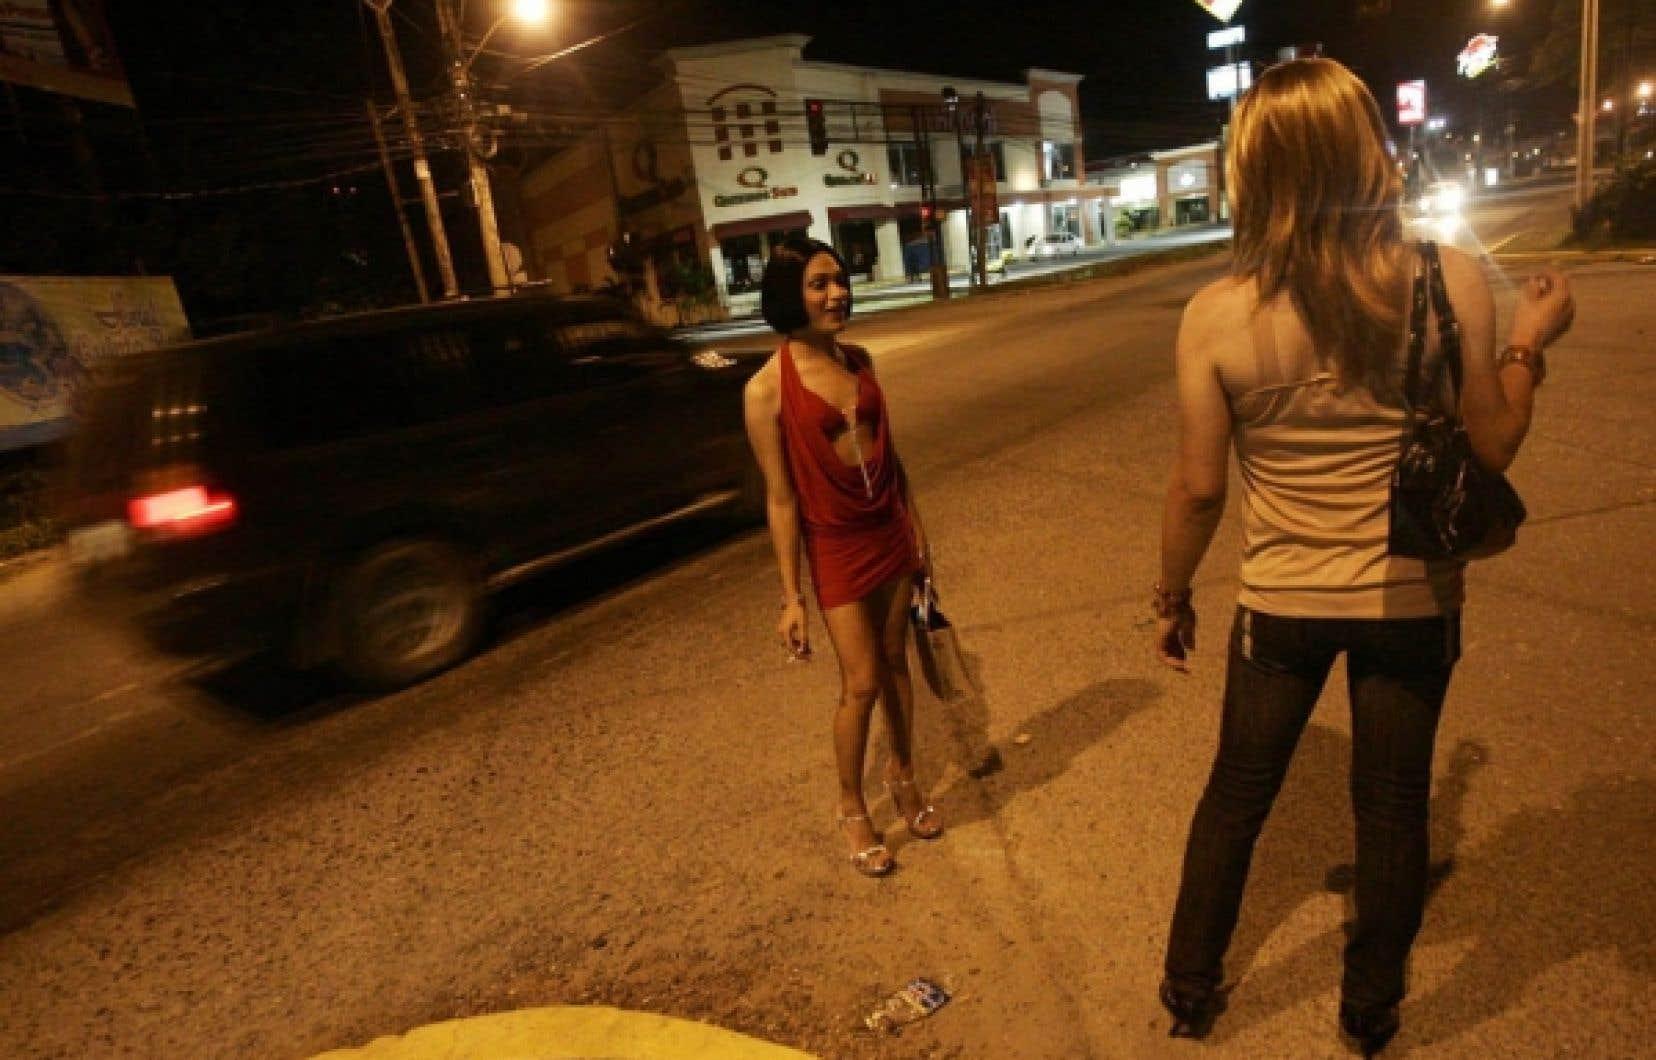 Il ressort du discours des derniers jours sur la prostitution un mépris et une condescendance, une fois de plus, à l'égard des travailleuses du sexe.<br />